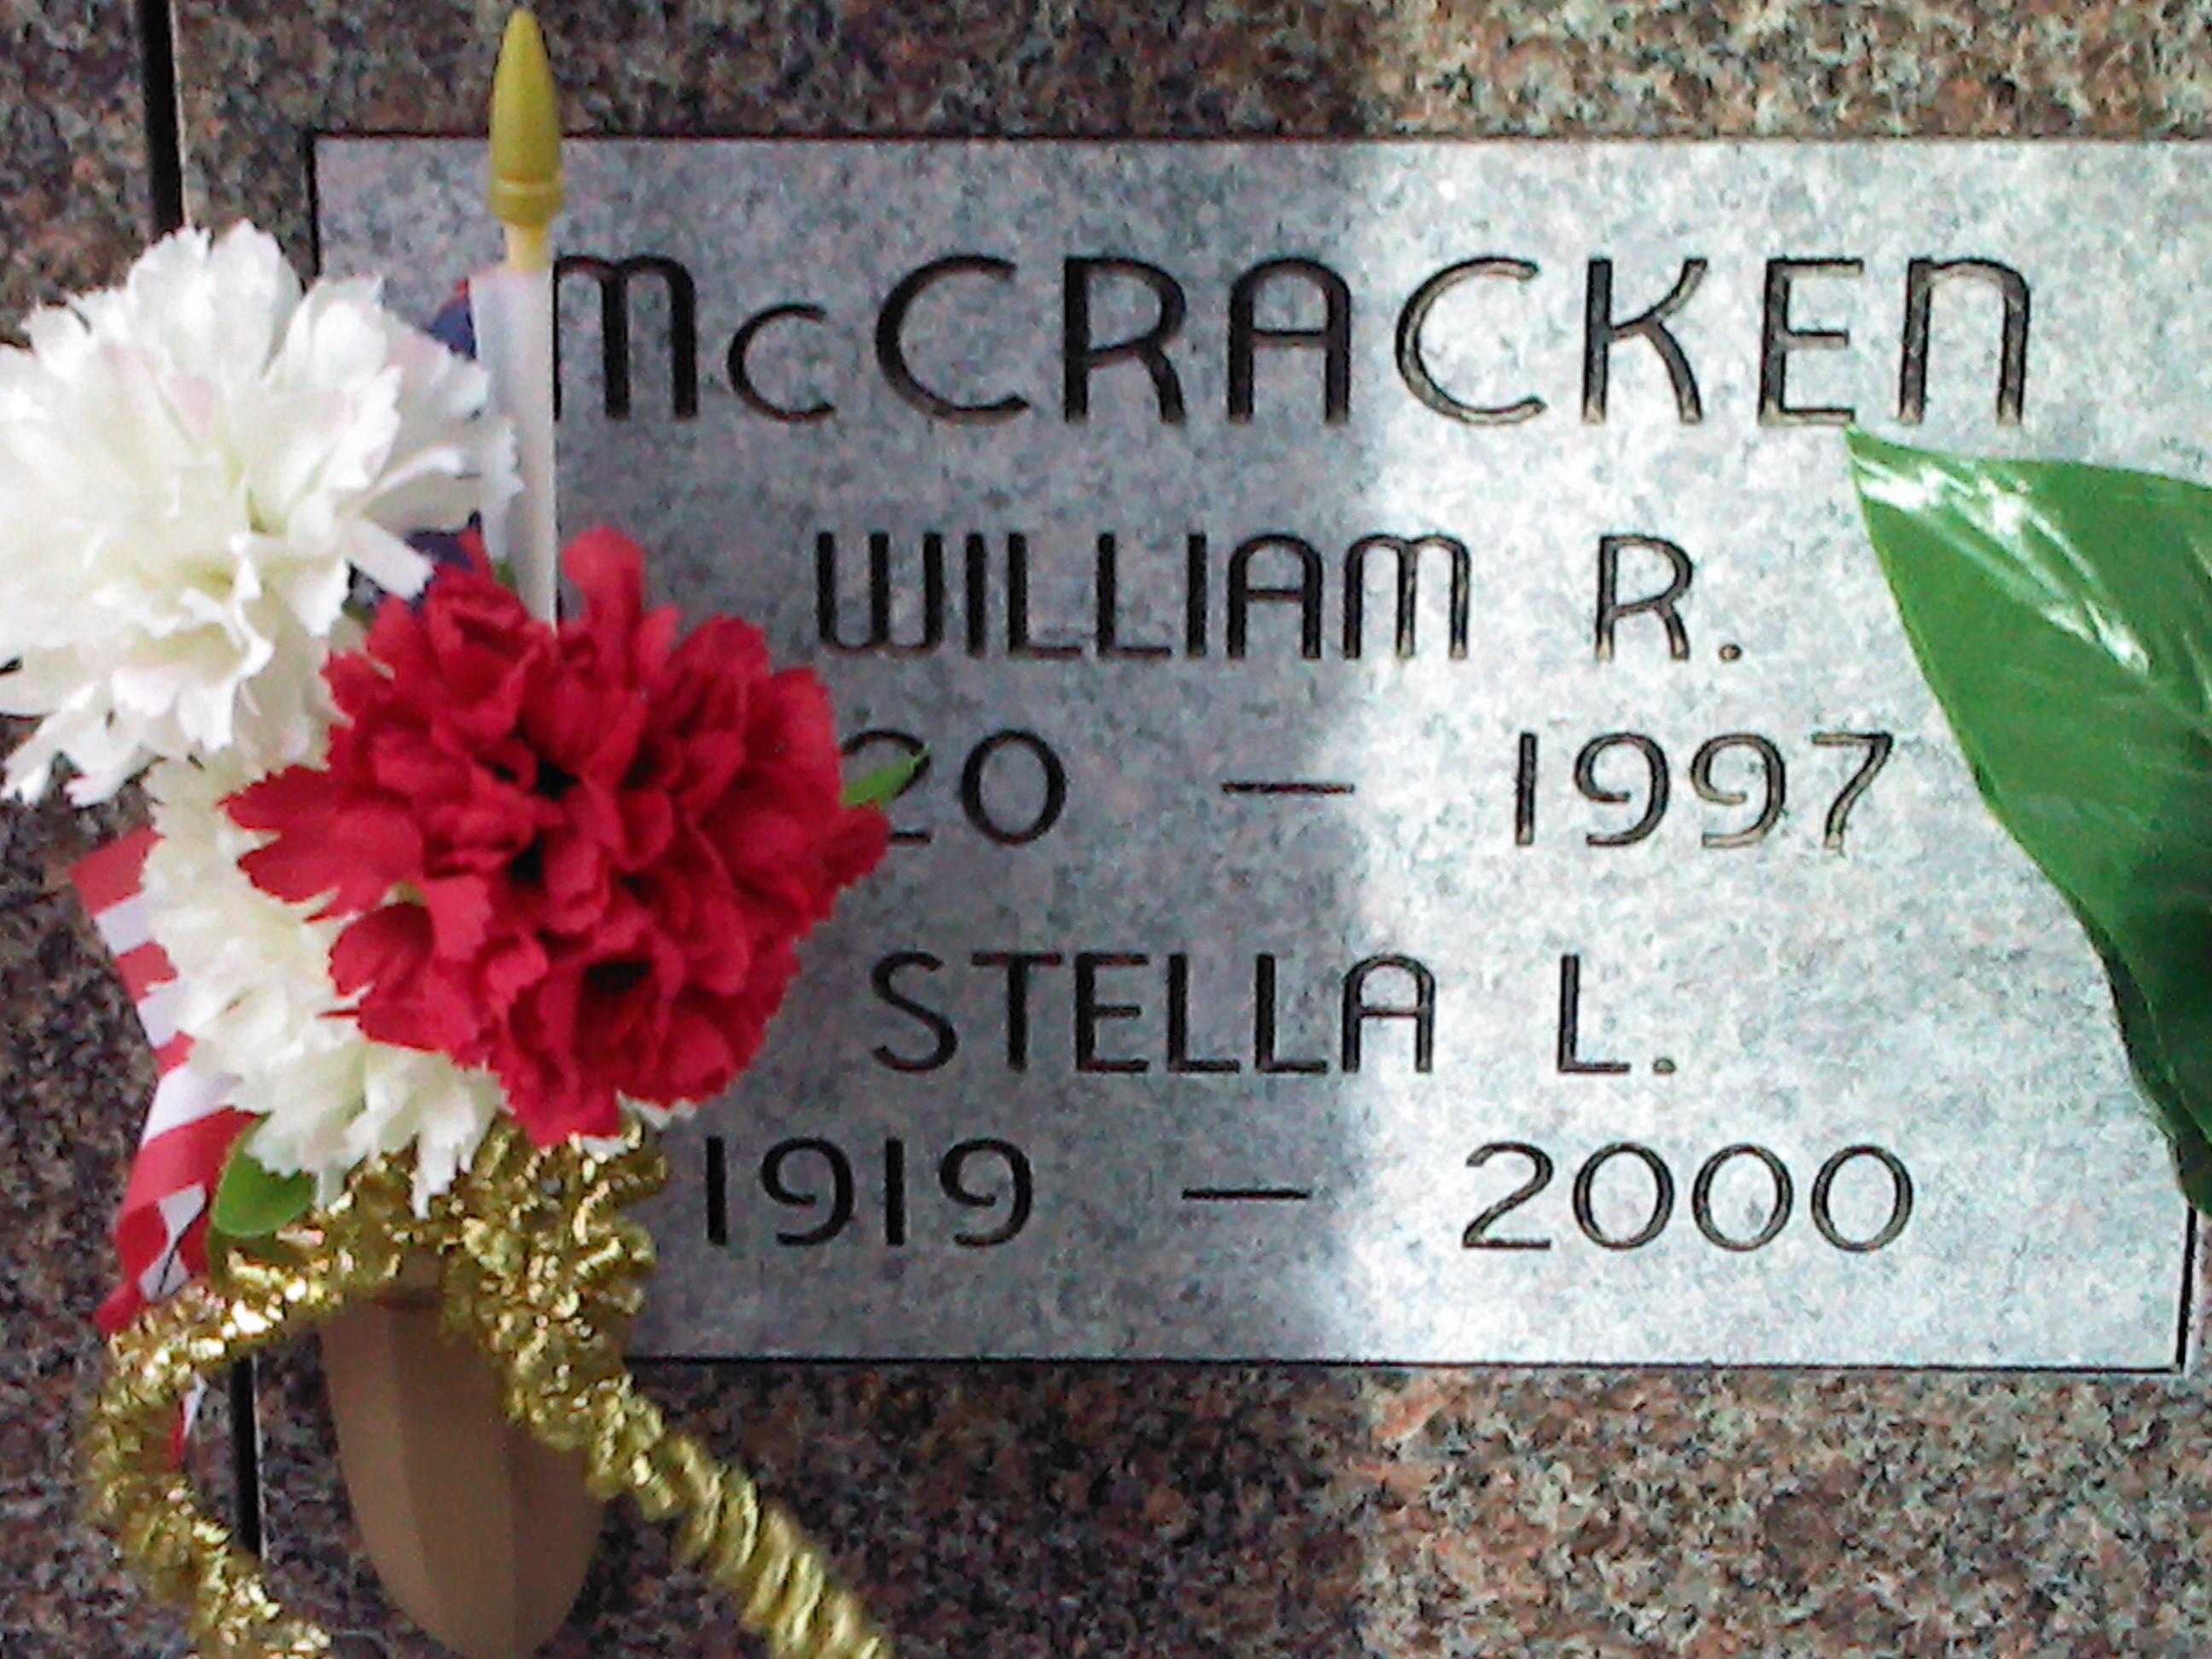 William R McCracken